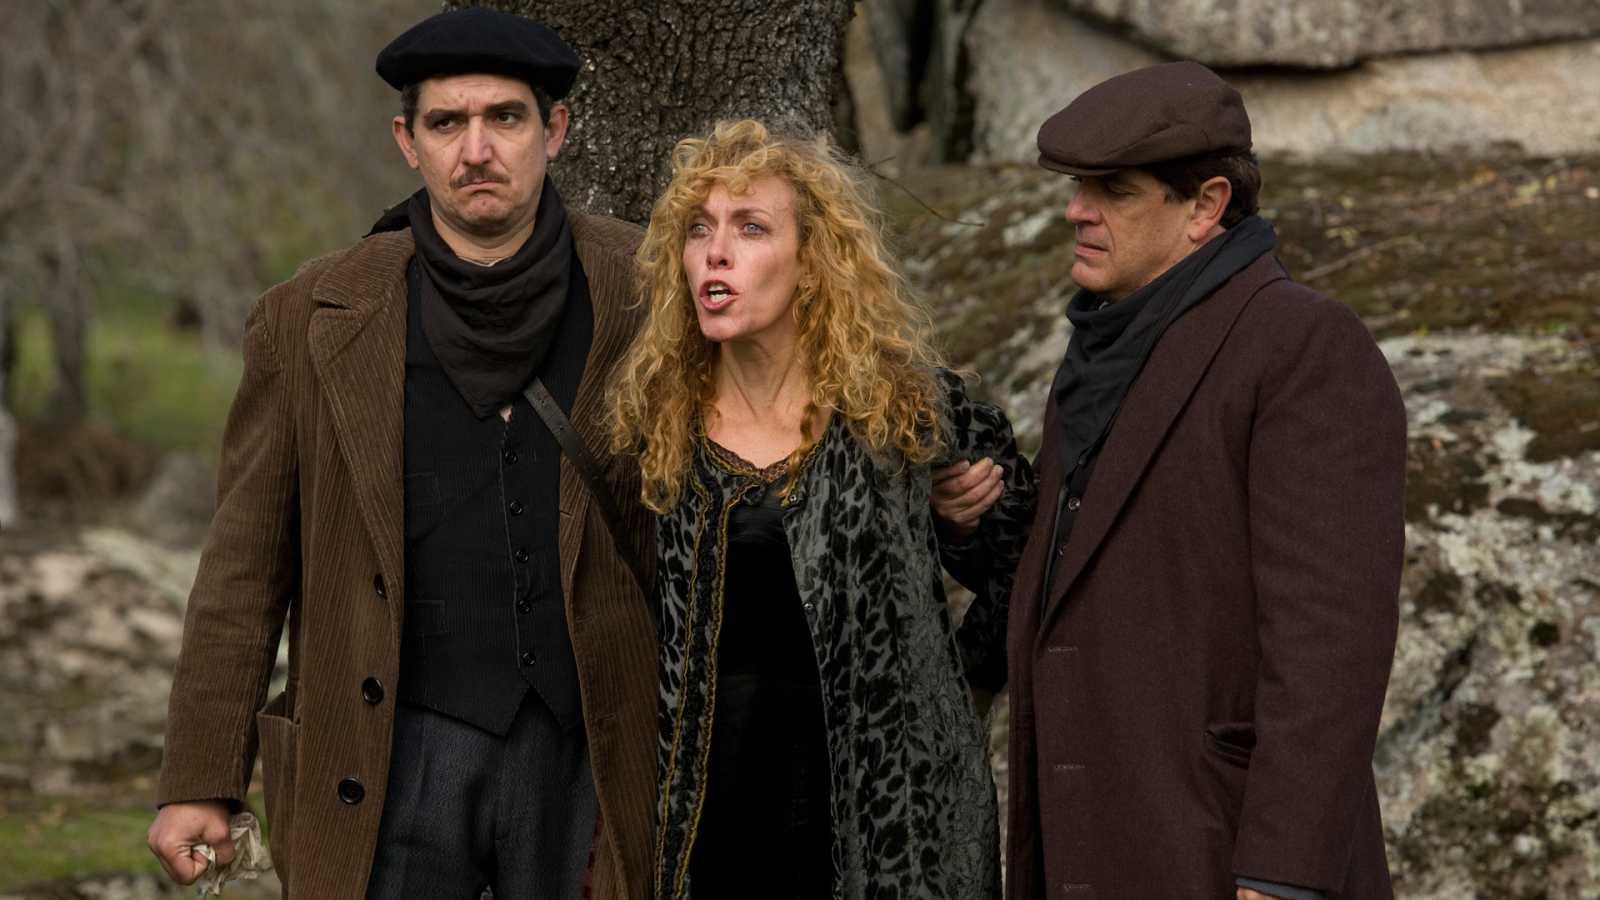 La Señora - Capítulo 19 - Gonzalo de Castro a penas puede contener su dolor por la vuelta de Victoria a casa Márquez - Ver ahora